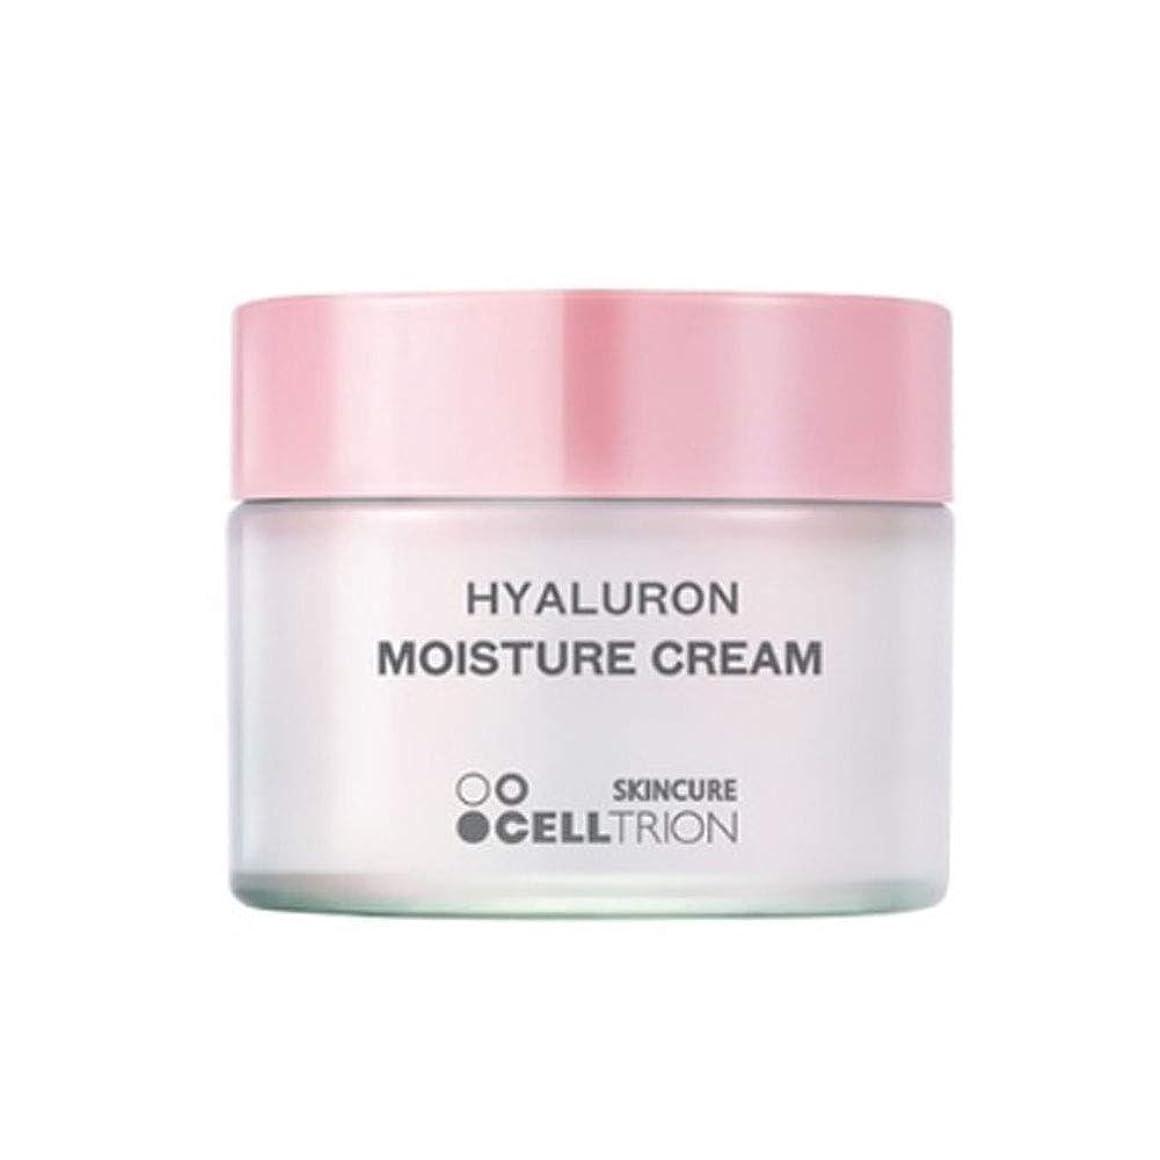 エイリアンシフト哺乳類セルトリオンスキンキュアヒアルロンモイスチャークリーム50gしわ改善、Celltrion Skincure Hyaluron Moisture Cream 50g Anti-Wrinkle [並行輸入品]